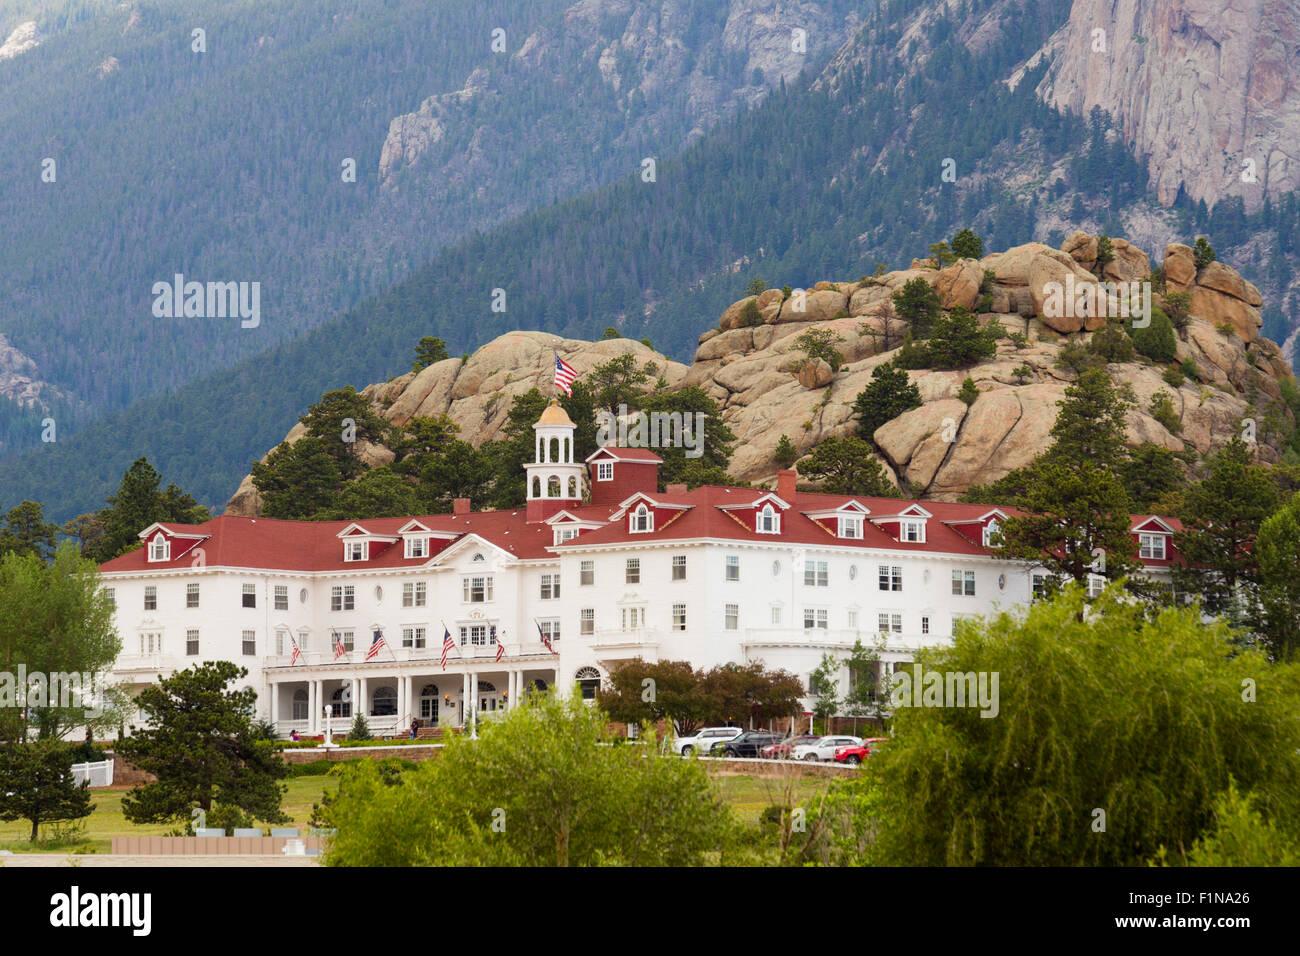 Estes Park, Colorado - The Stanley Hotel. - Stock Image